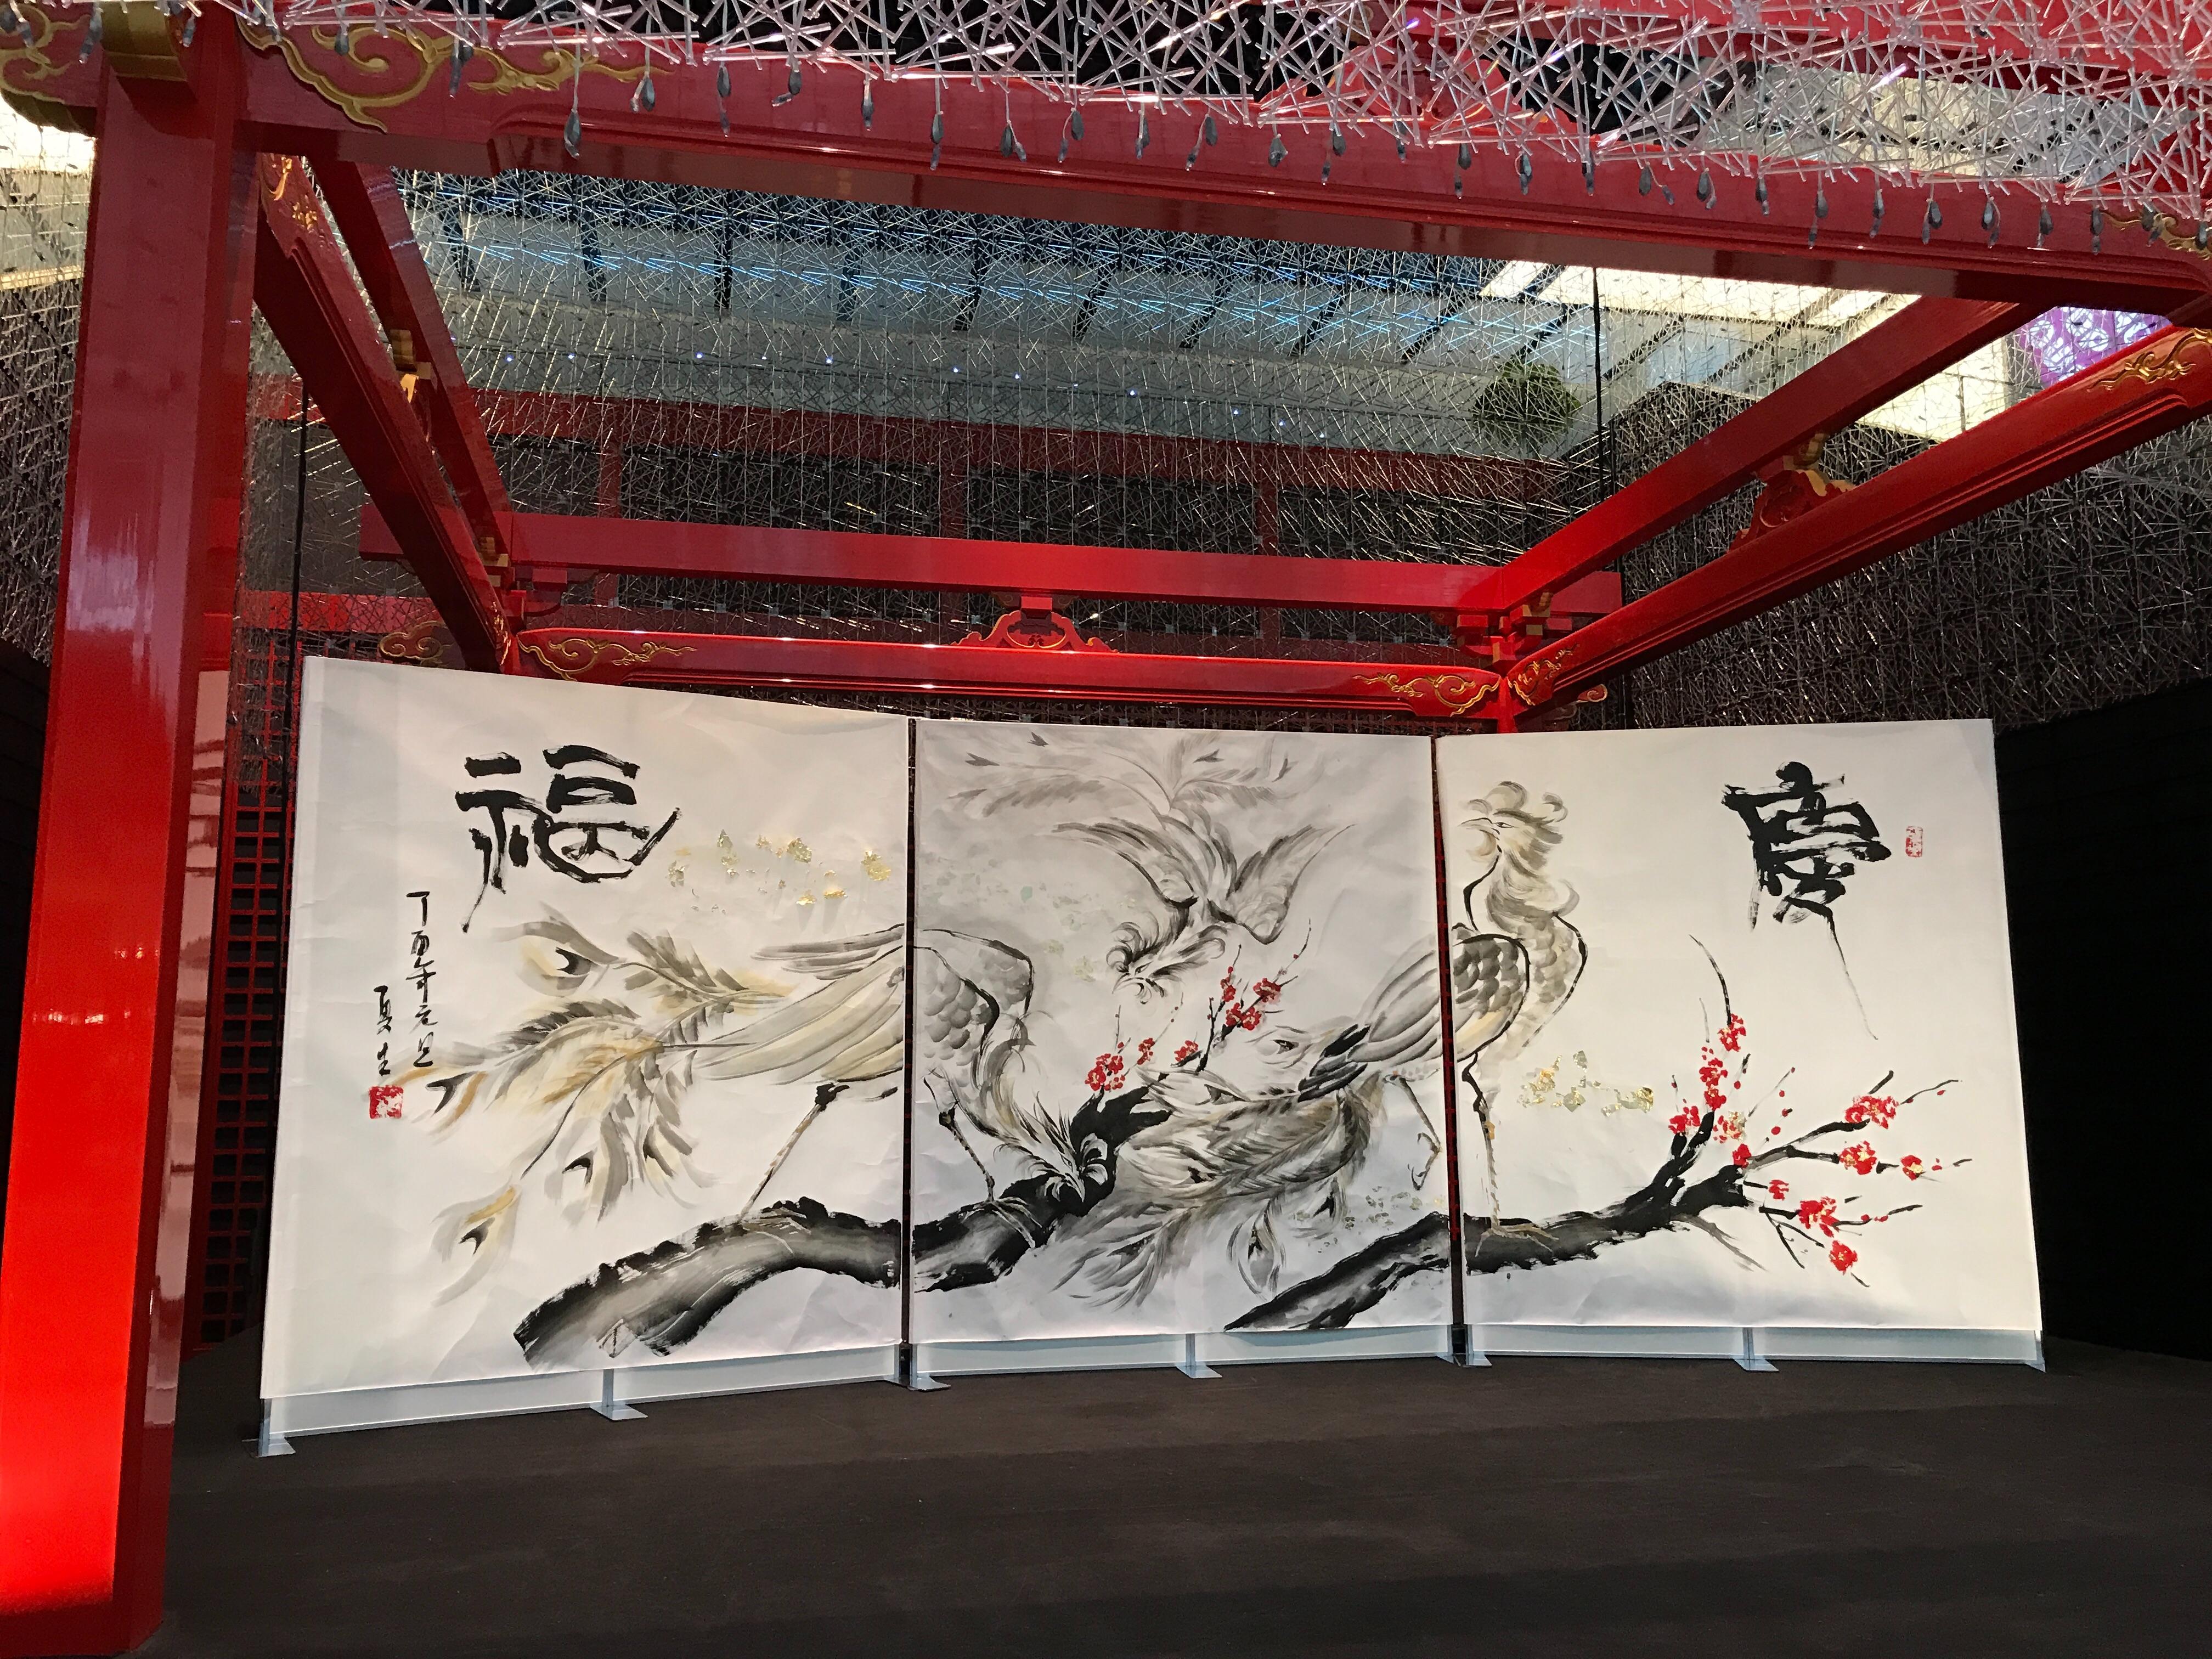 f:id:tomohiko37_i:20170108183944j:image